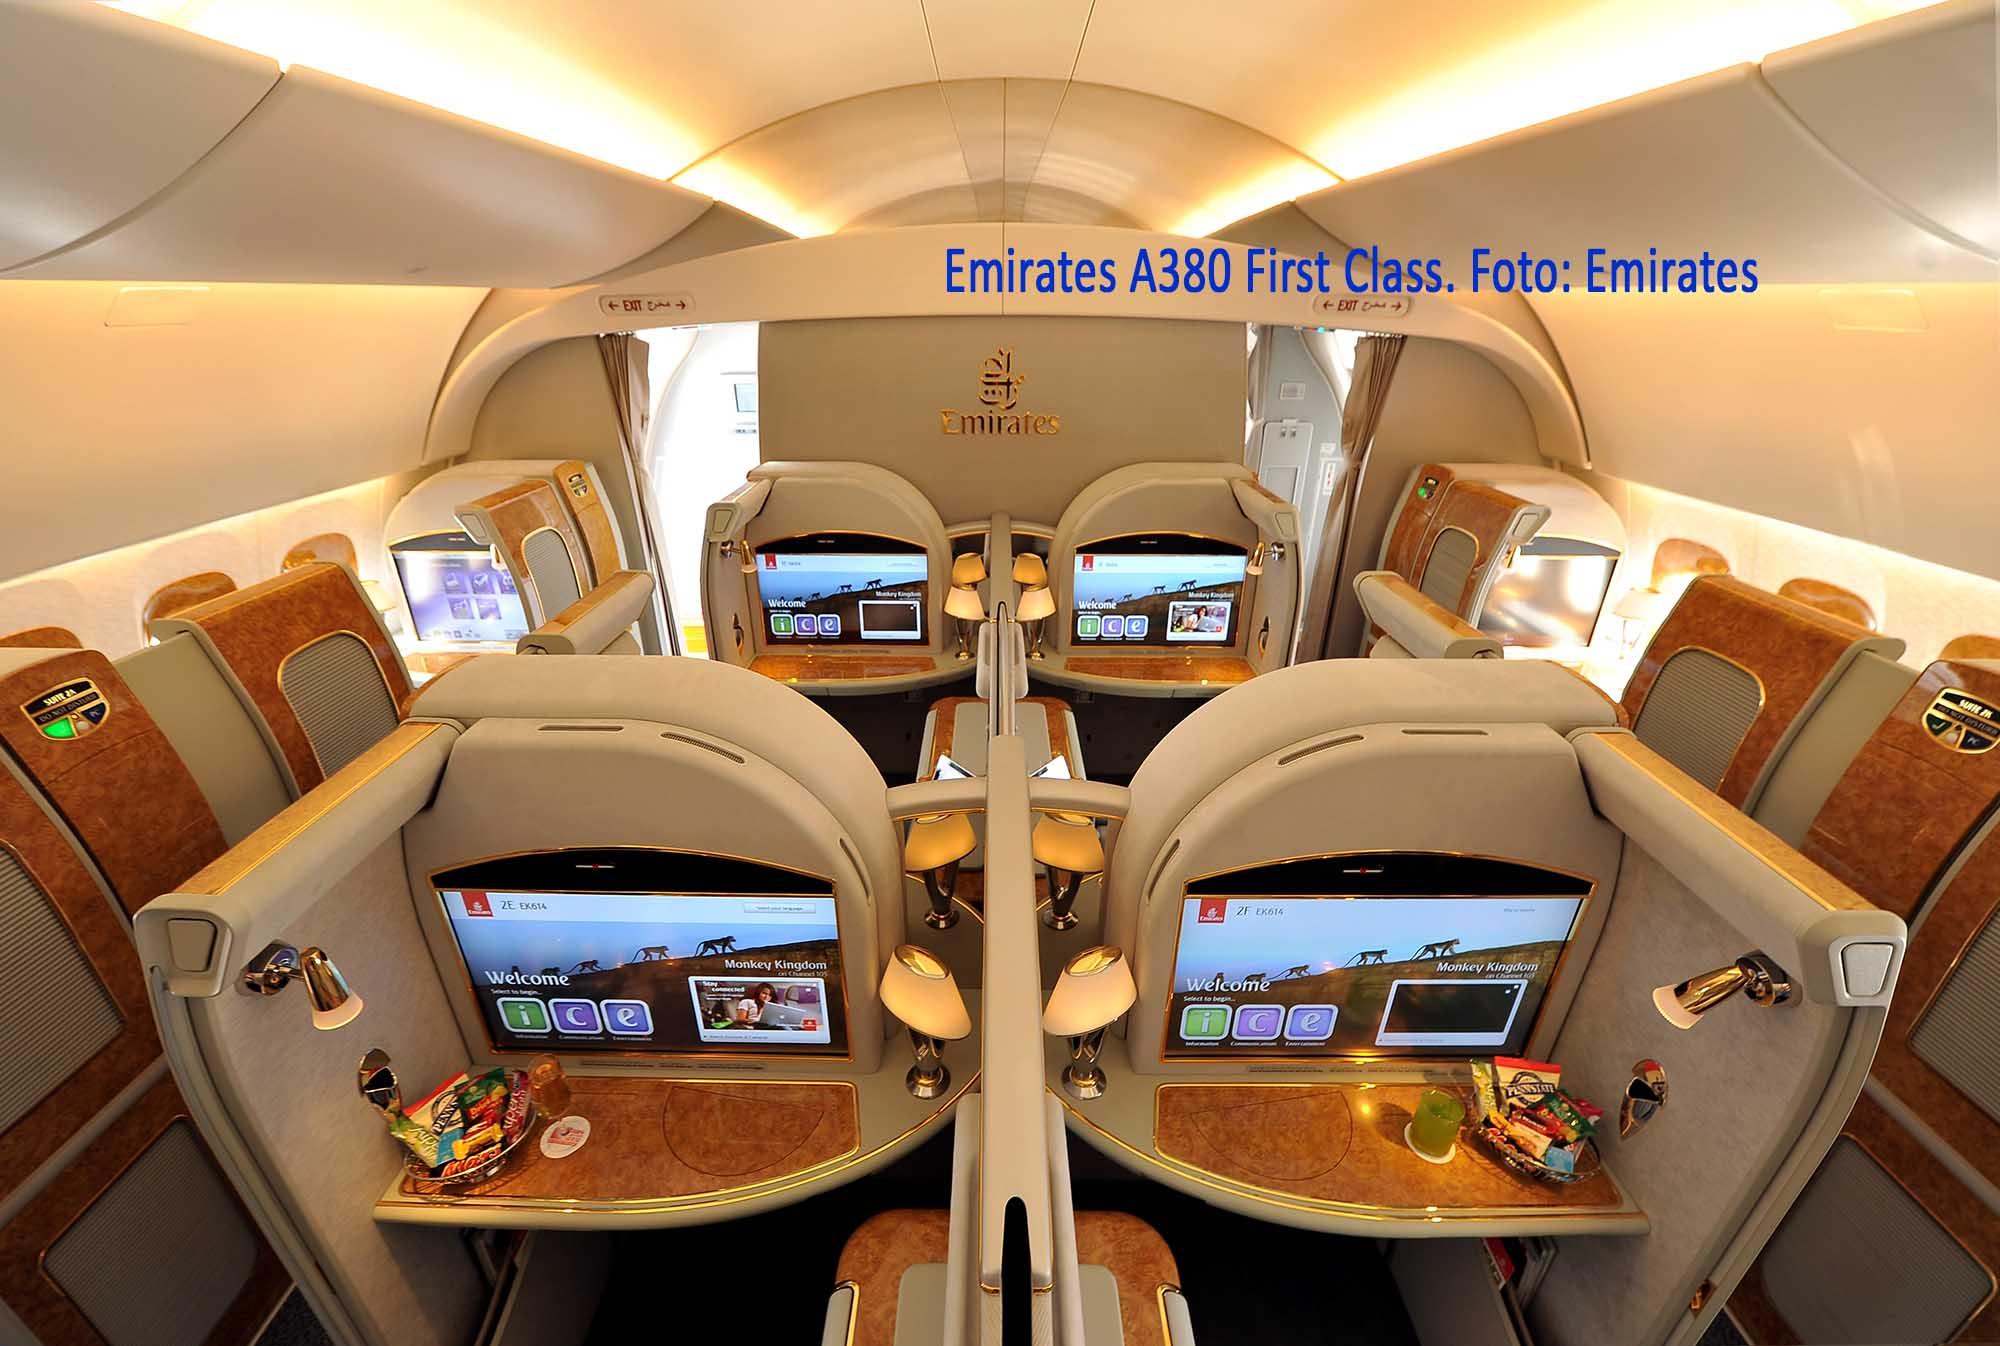 Emirates A380 First Class. Foto: Emirates